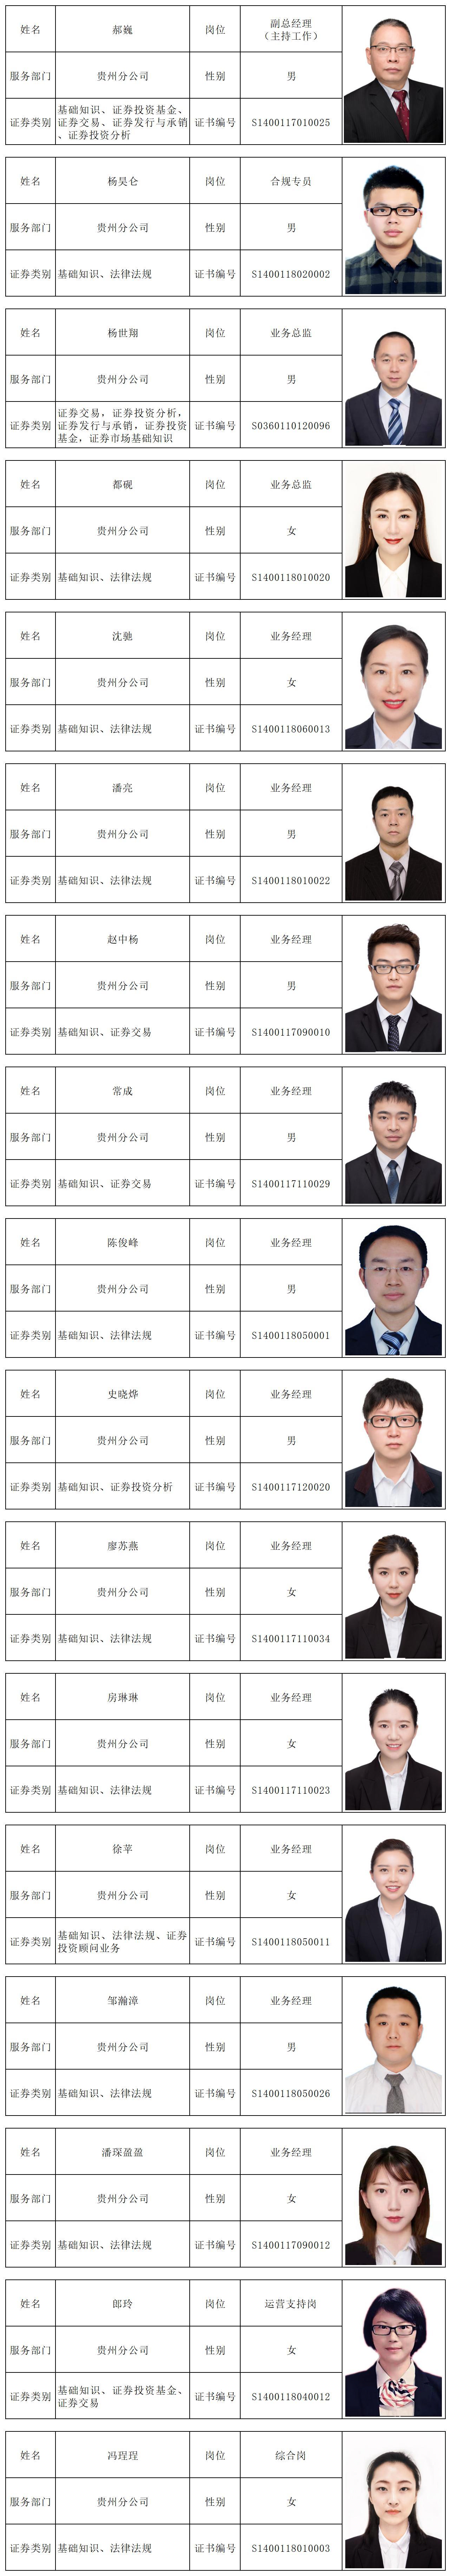 貴州分公司員工信息表.jpg